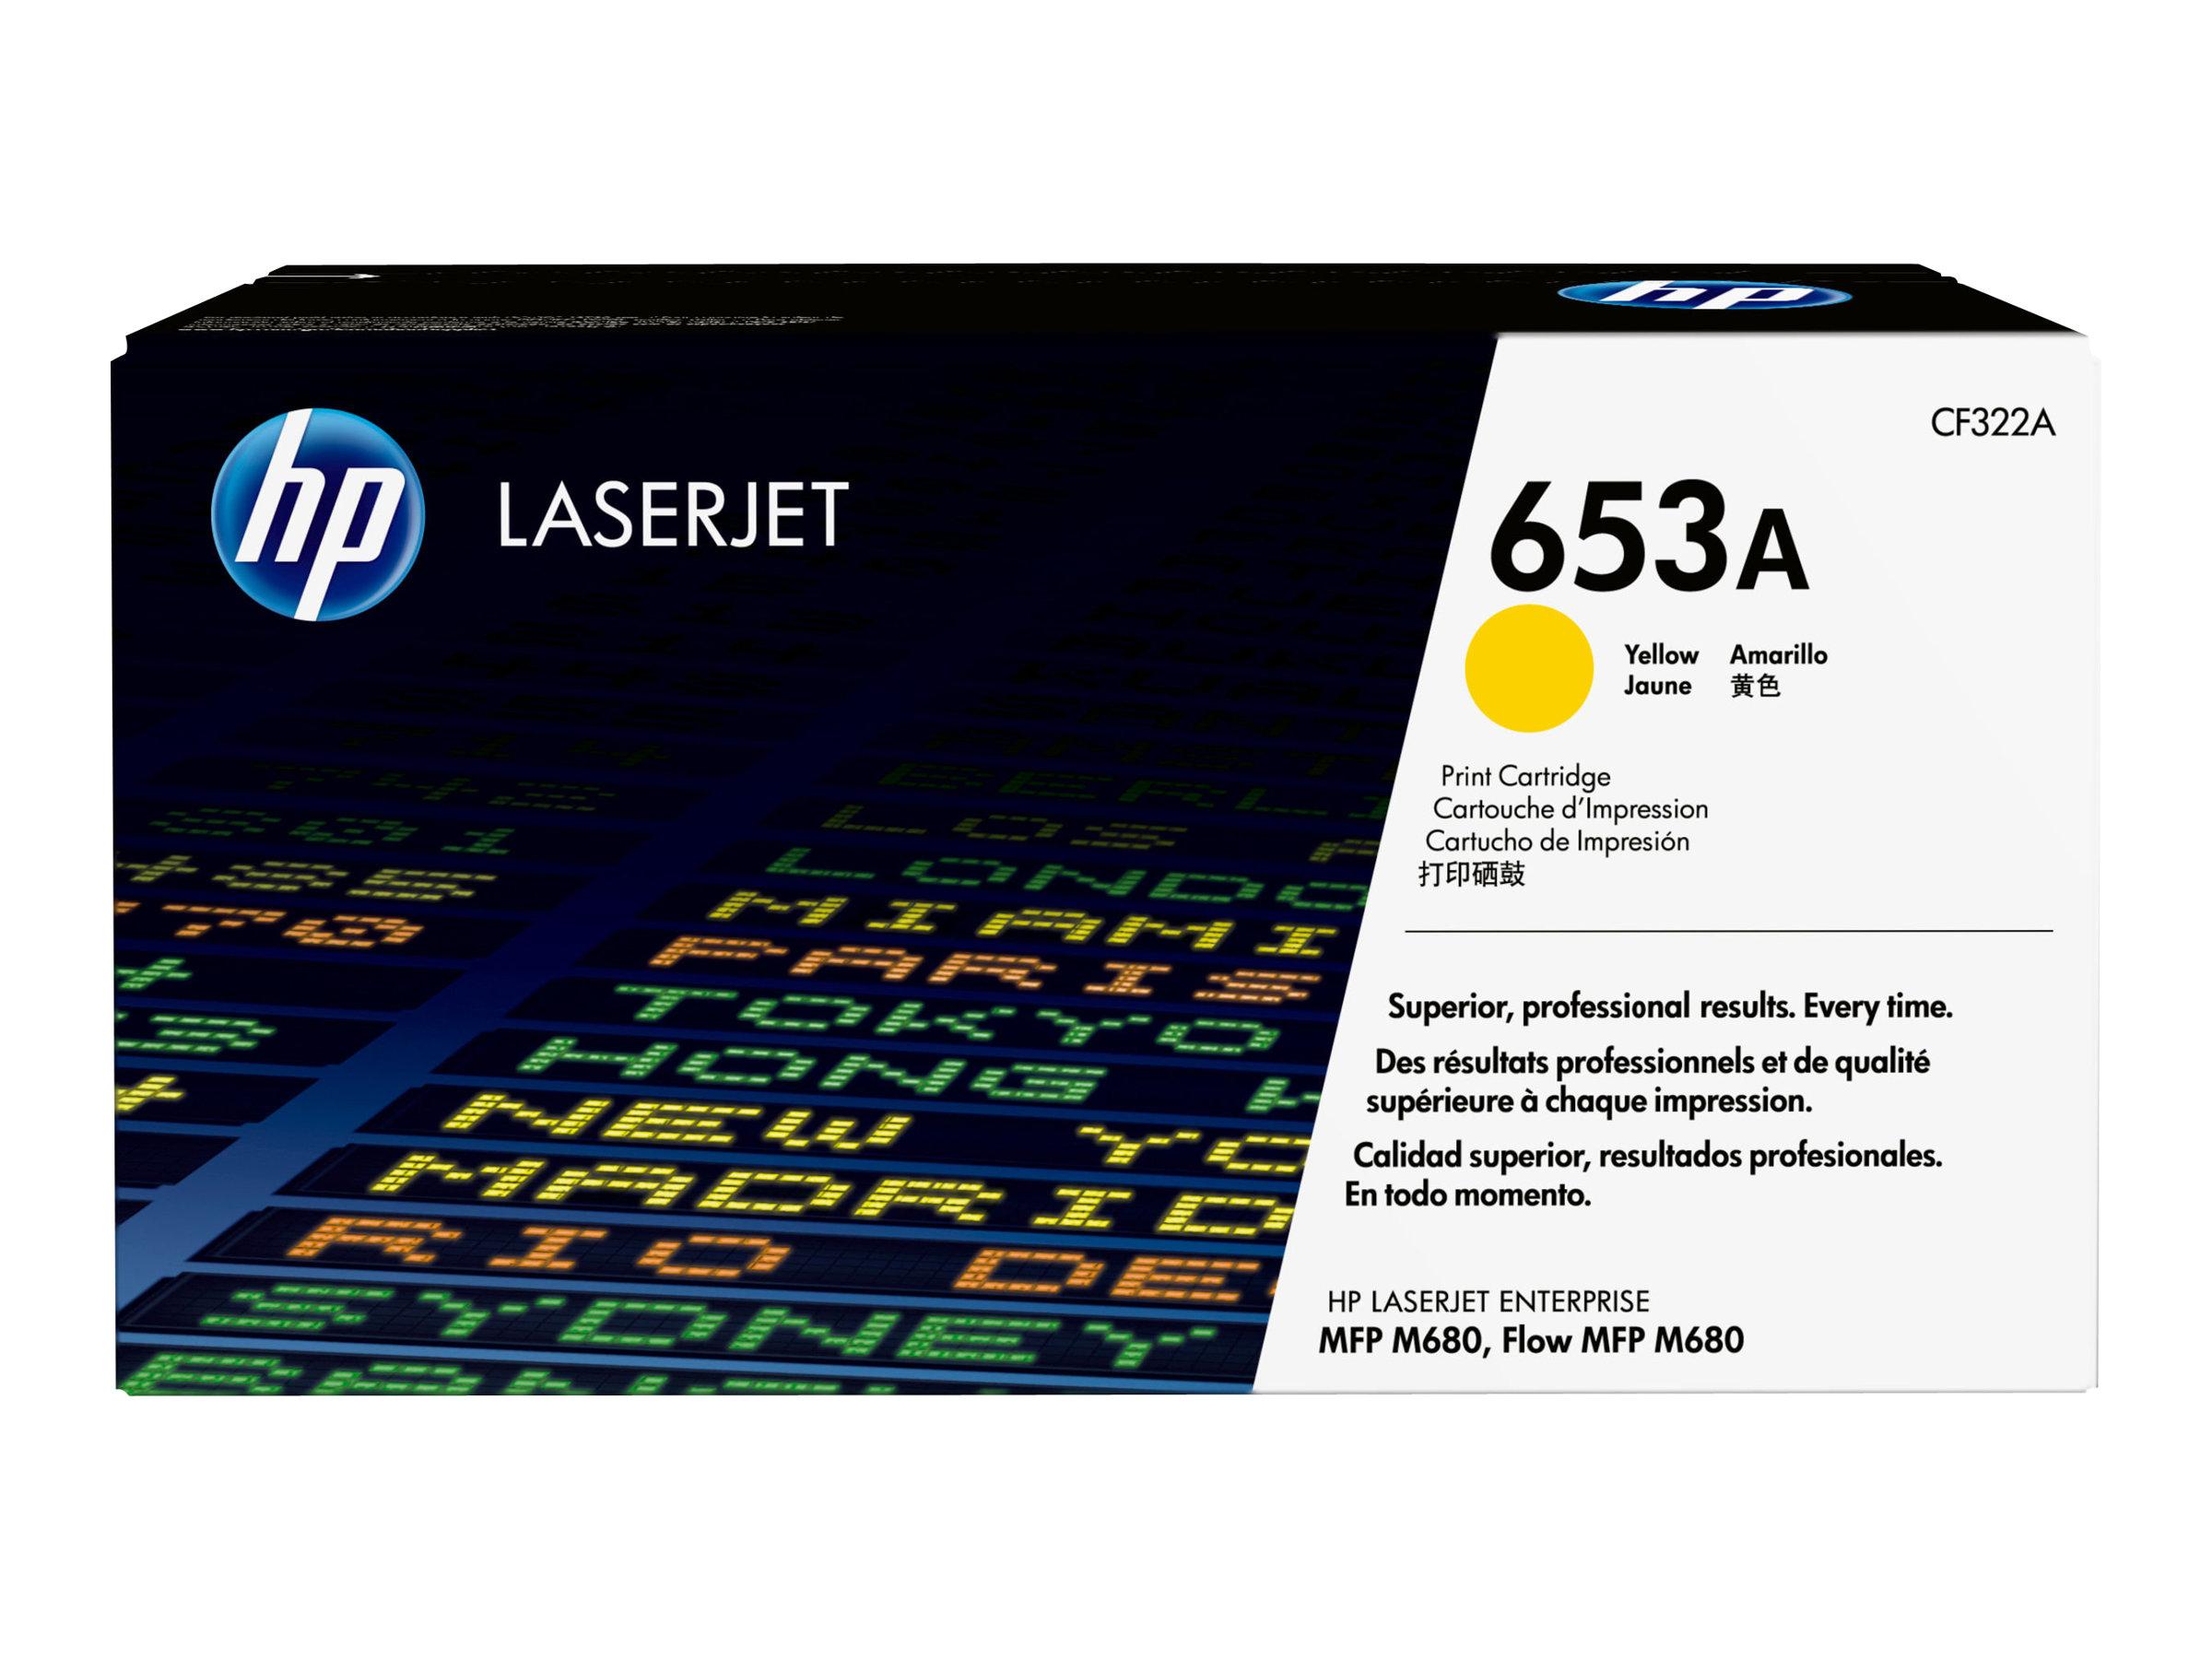 HP 653A - Gelb - Original - LaserJet - Tonerpatrone (CF322A) - für LaserJet Enterprise MFP M680dn, MFP M680f; LaserJet Enterpris